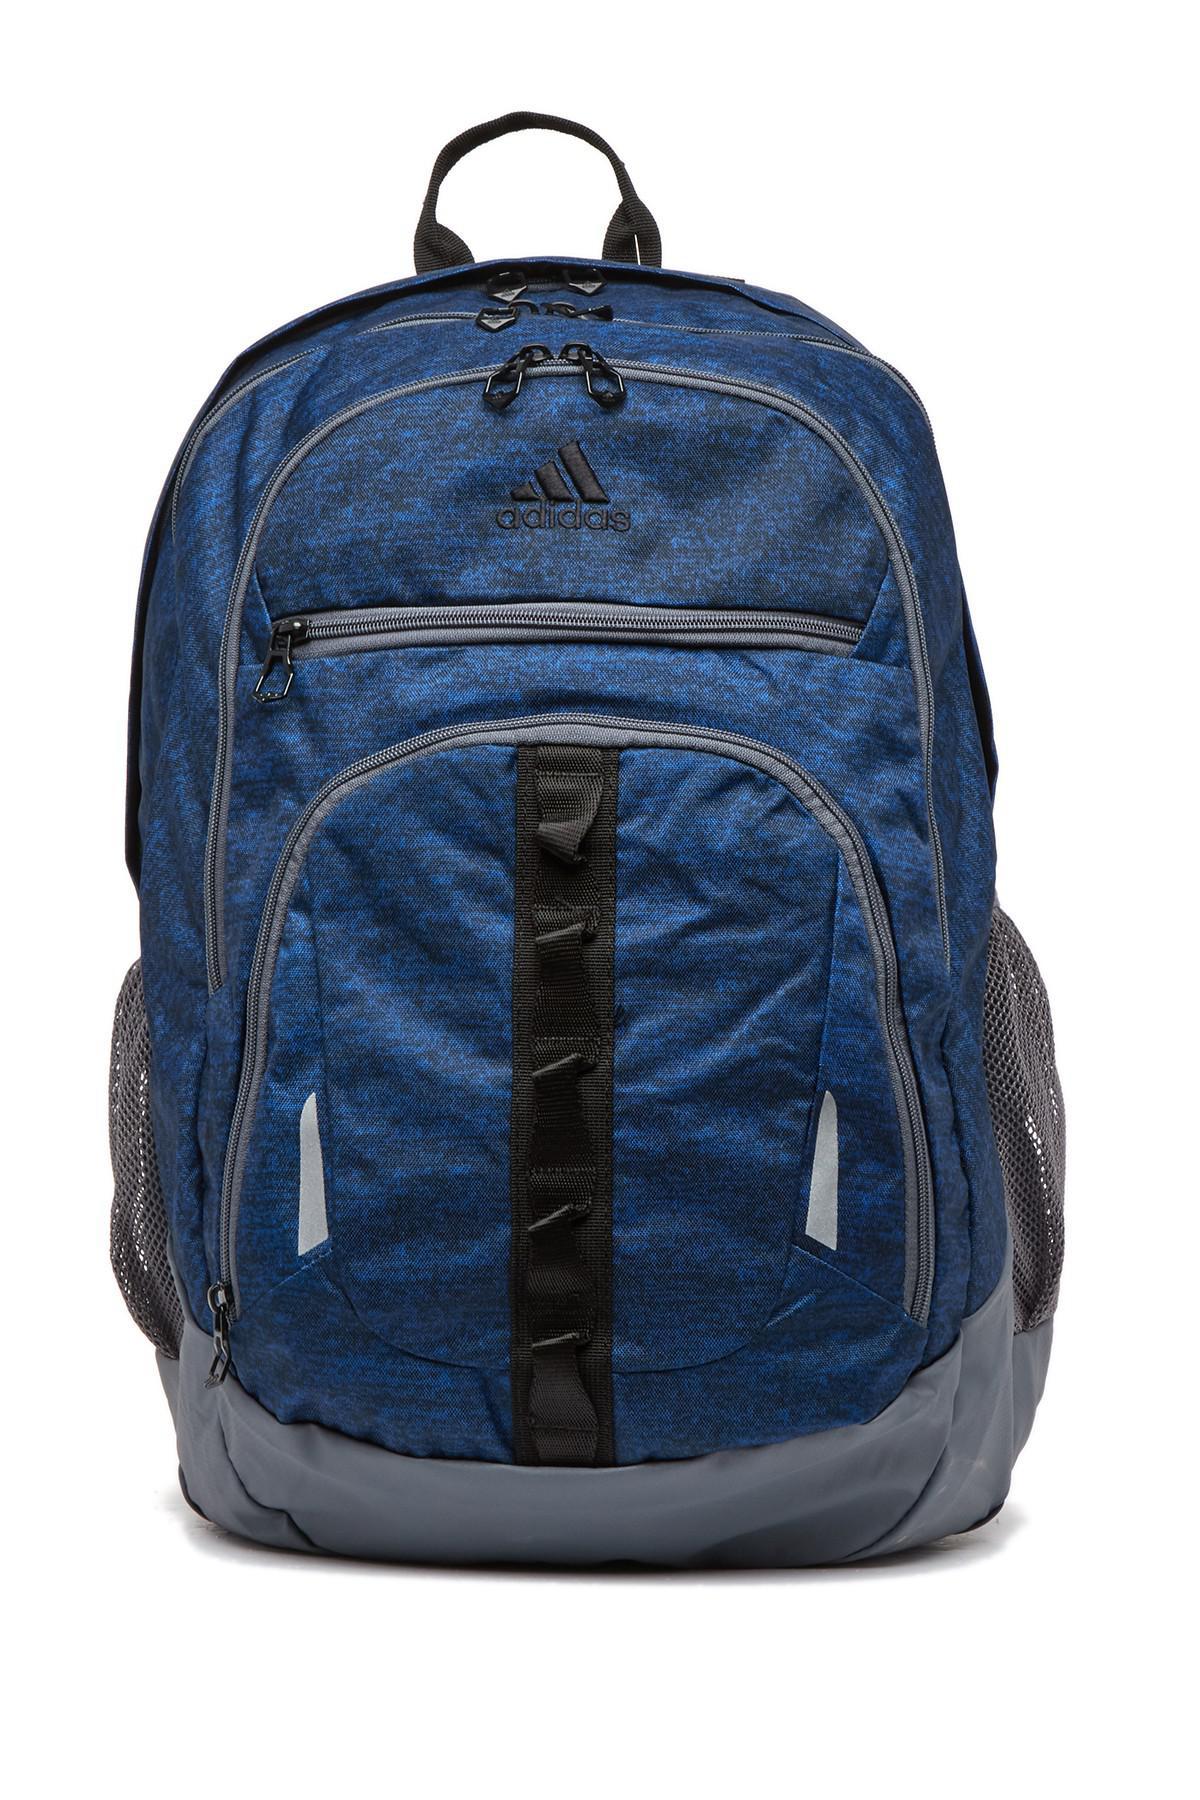 069e72d34ffe Adidas - Blue Prime Iv Backpack for Men - Lyst. View fullscreen